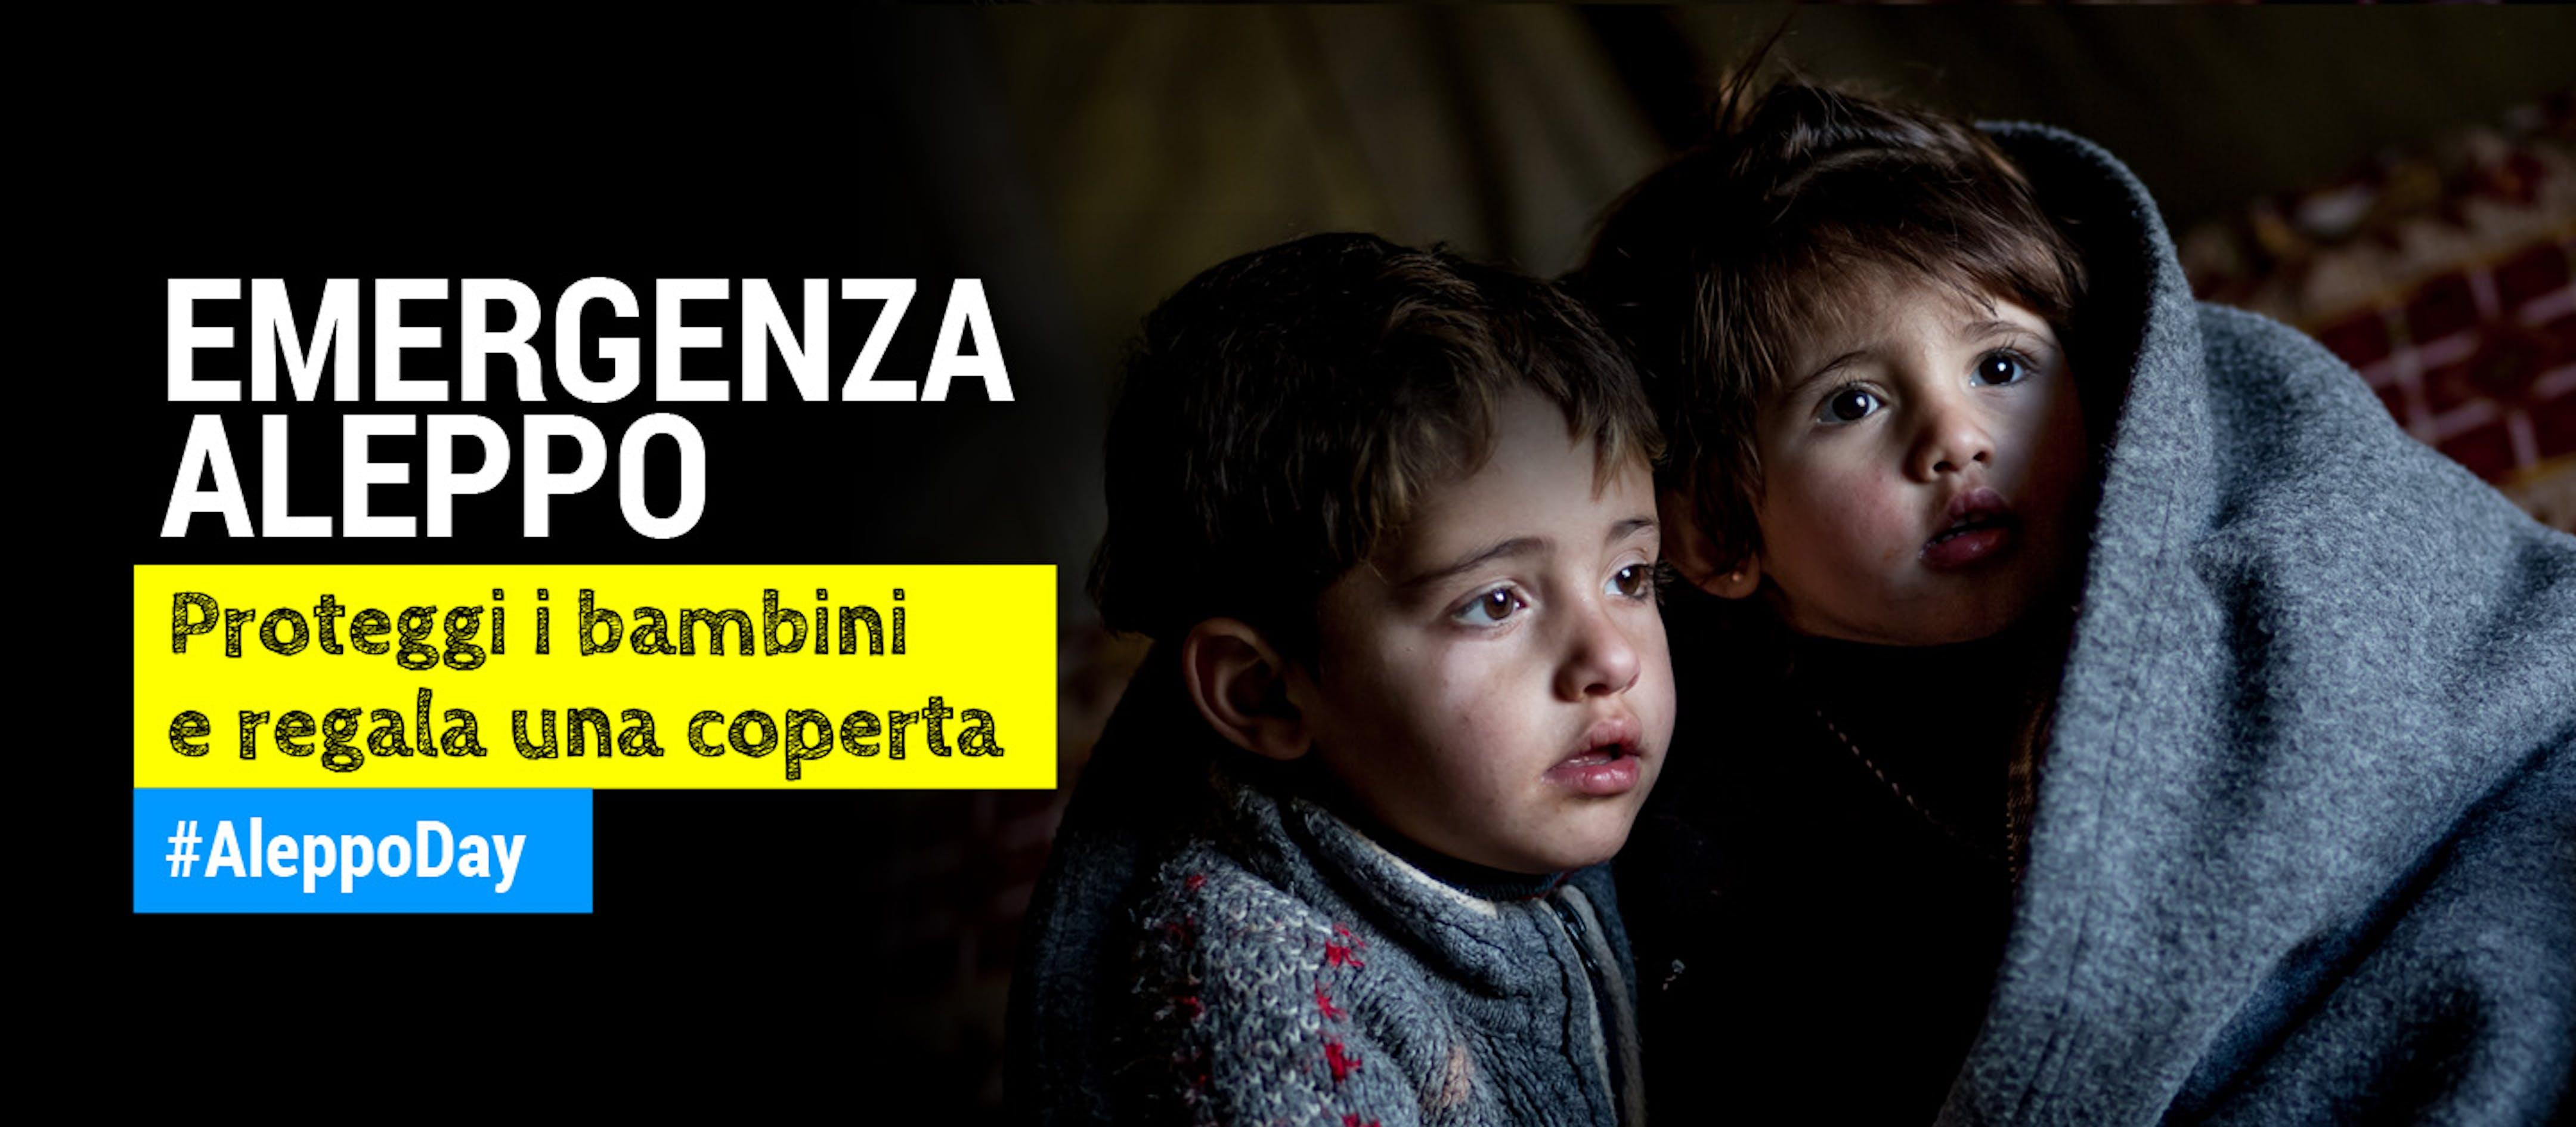 EMERGENZA-ALEPPO---UNICEF-cover-sito.jpg